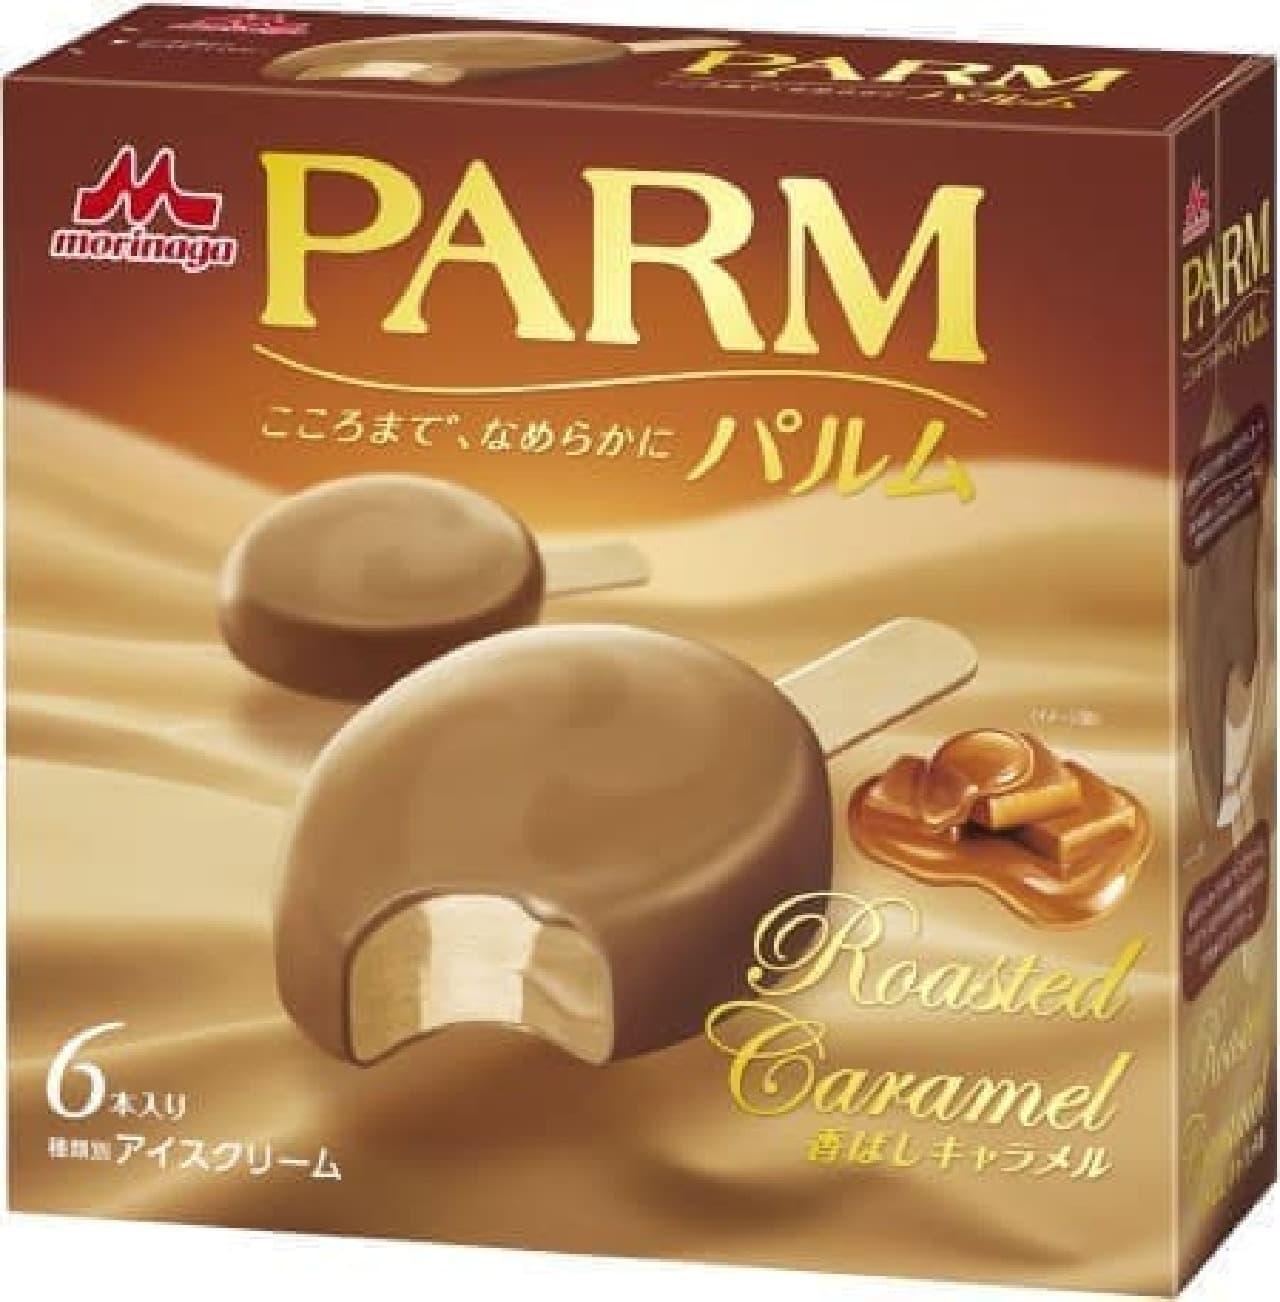 森永乳業「PARM(パルム) 香ばしキャラメル(6本入り)」